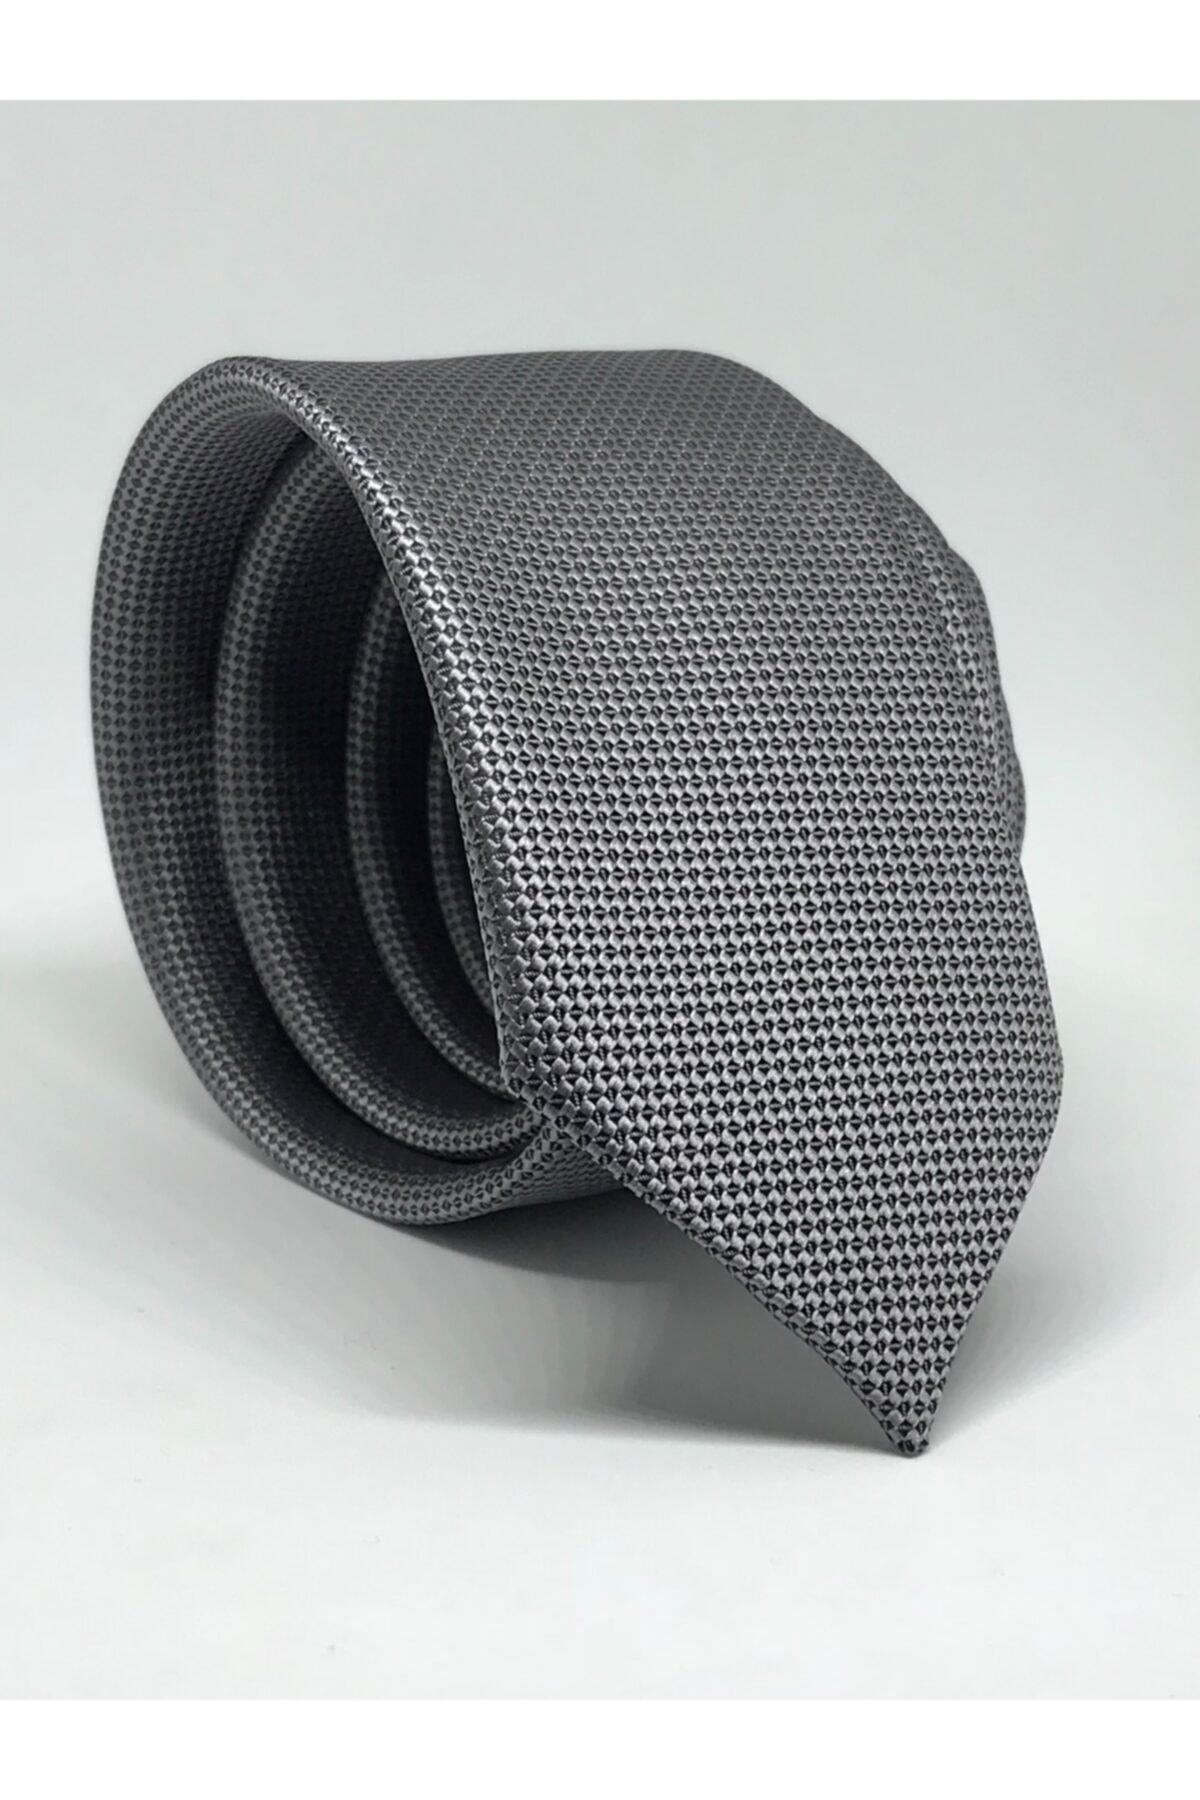 Bodily Gri Slim Fit Oxford Kuş Gözü Desen Kravat 1